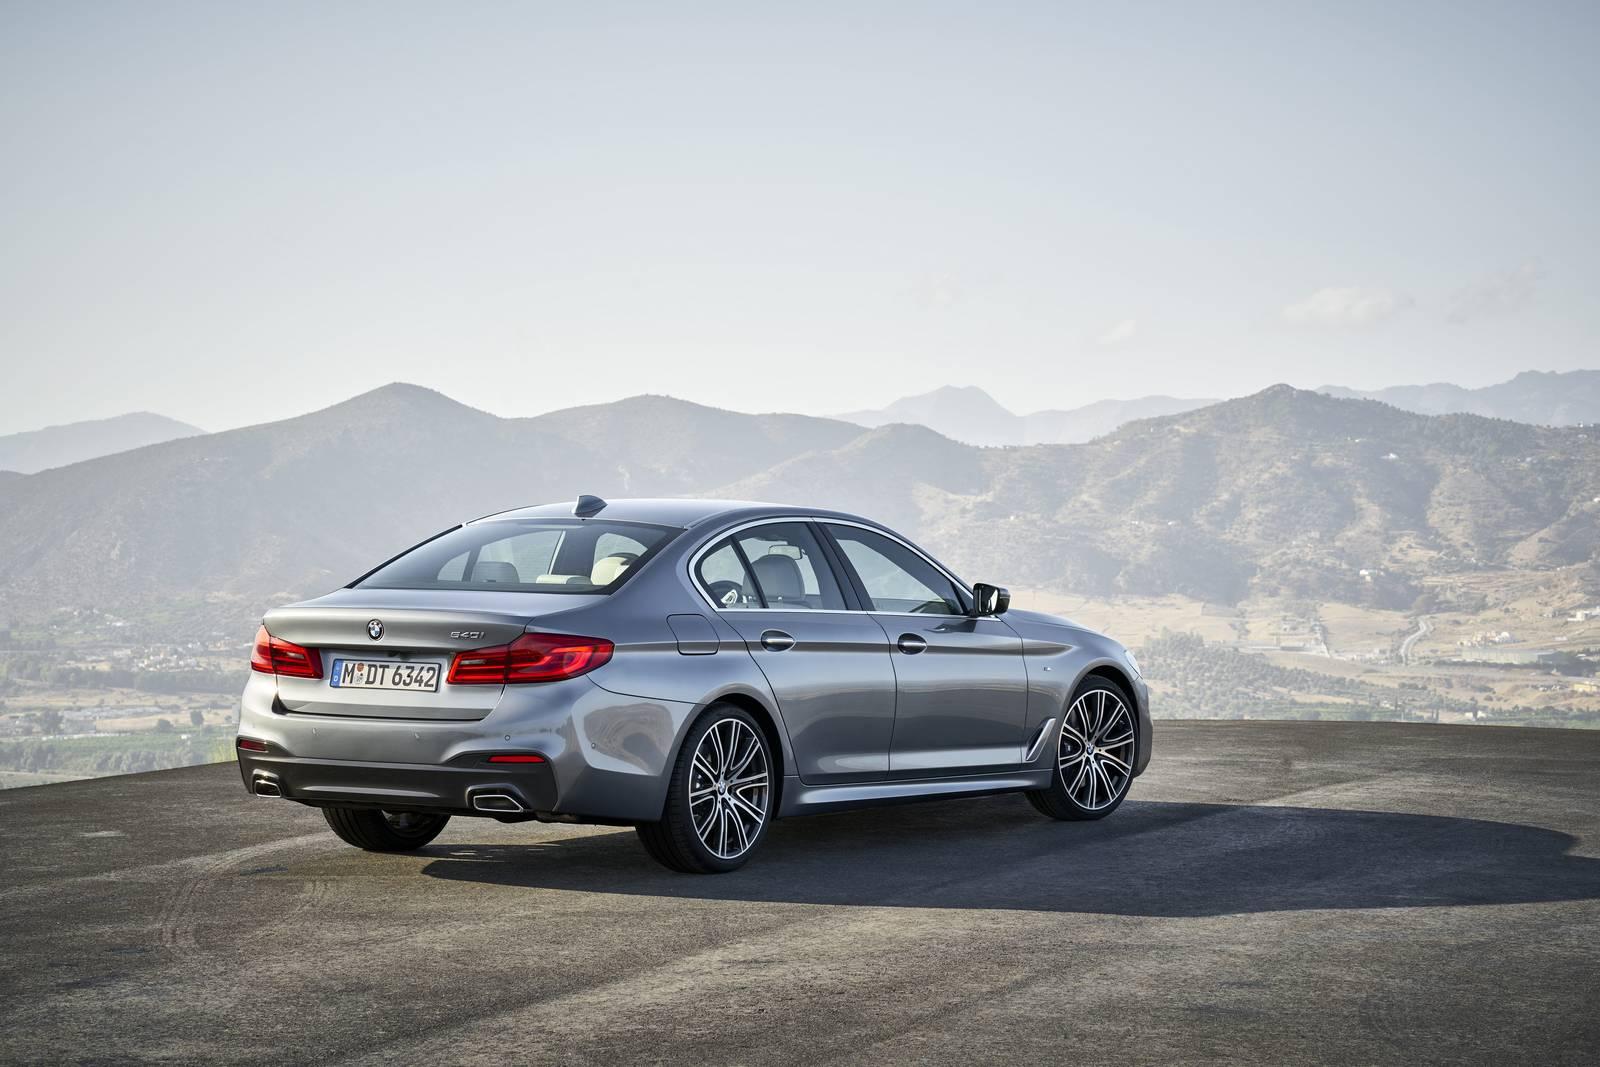 0_1505236273572_2017-BMW-G30-540i-5.jpg